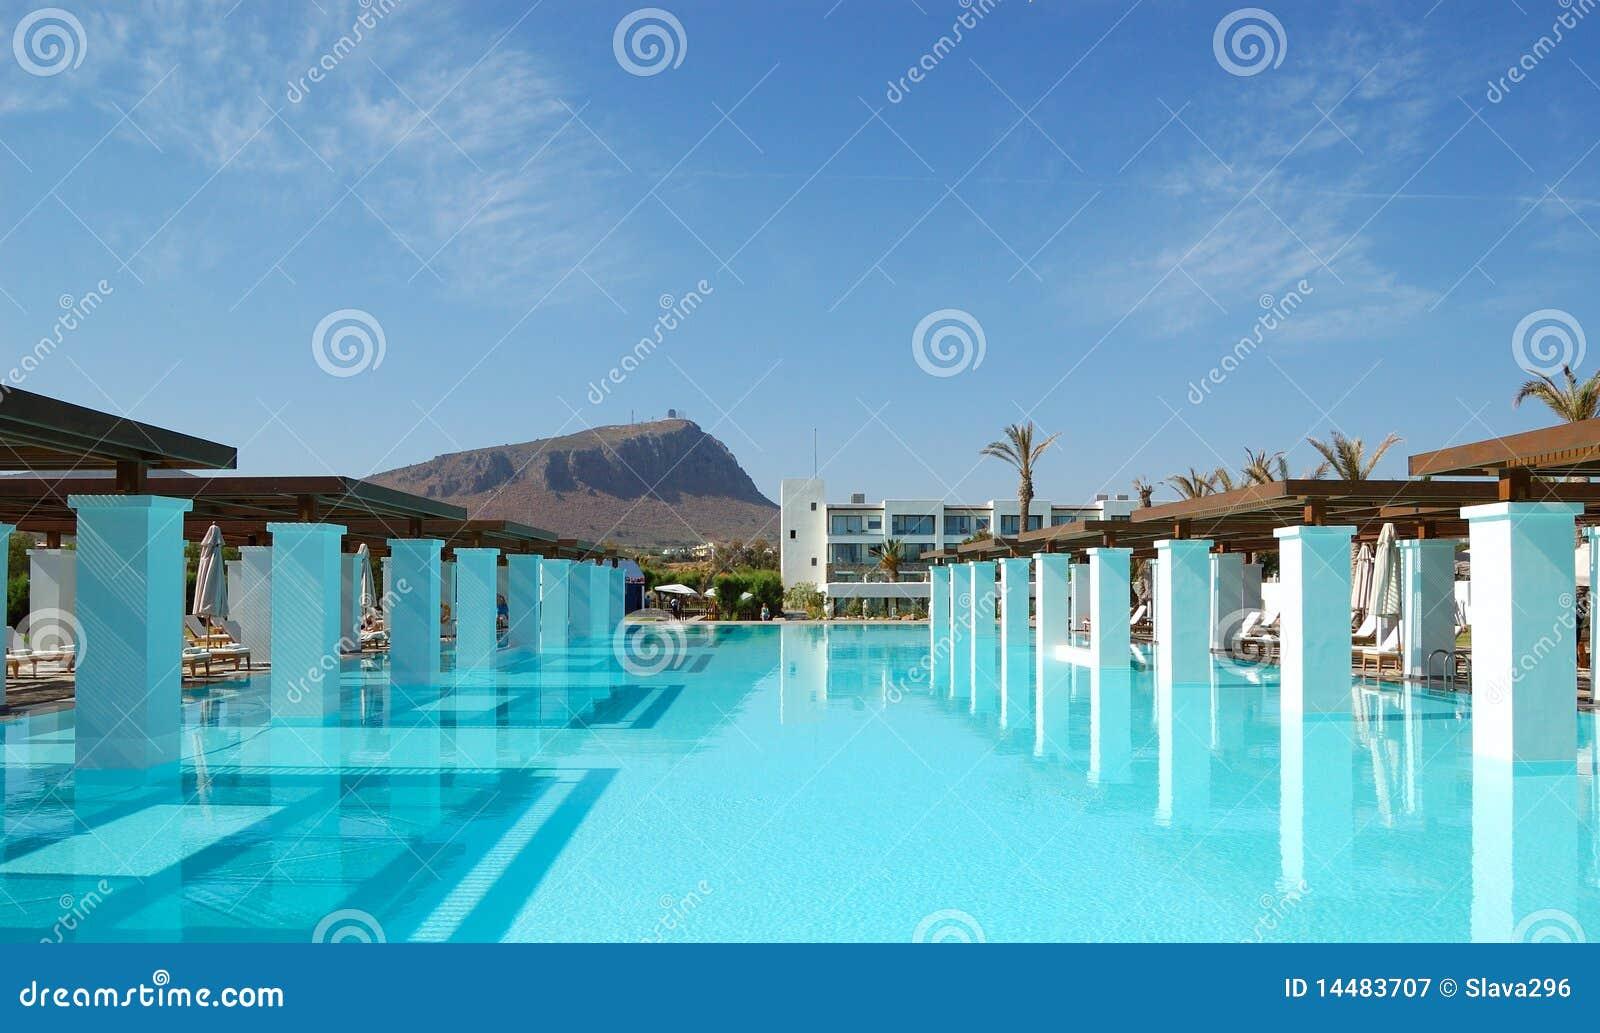 Piscina moderna en el hotel de lujo fotograf a de archivo for Imagenes de hoteles de lujo